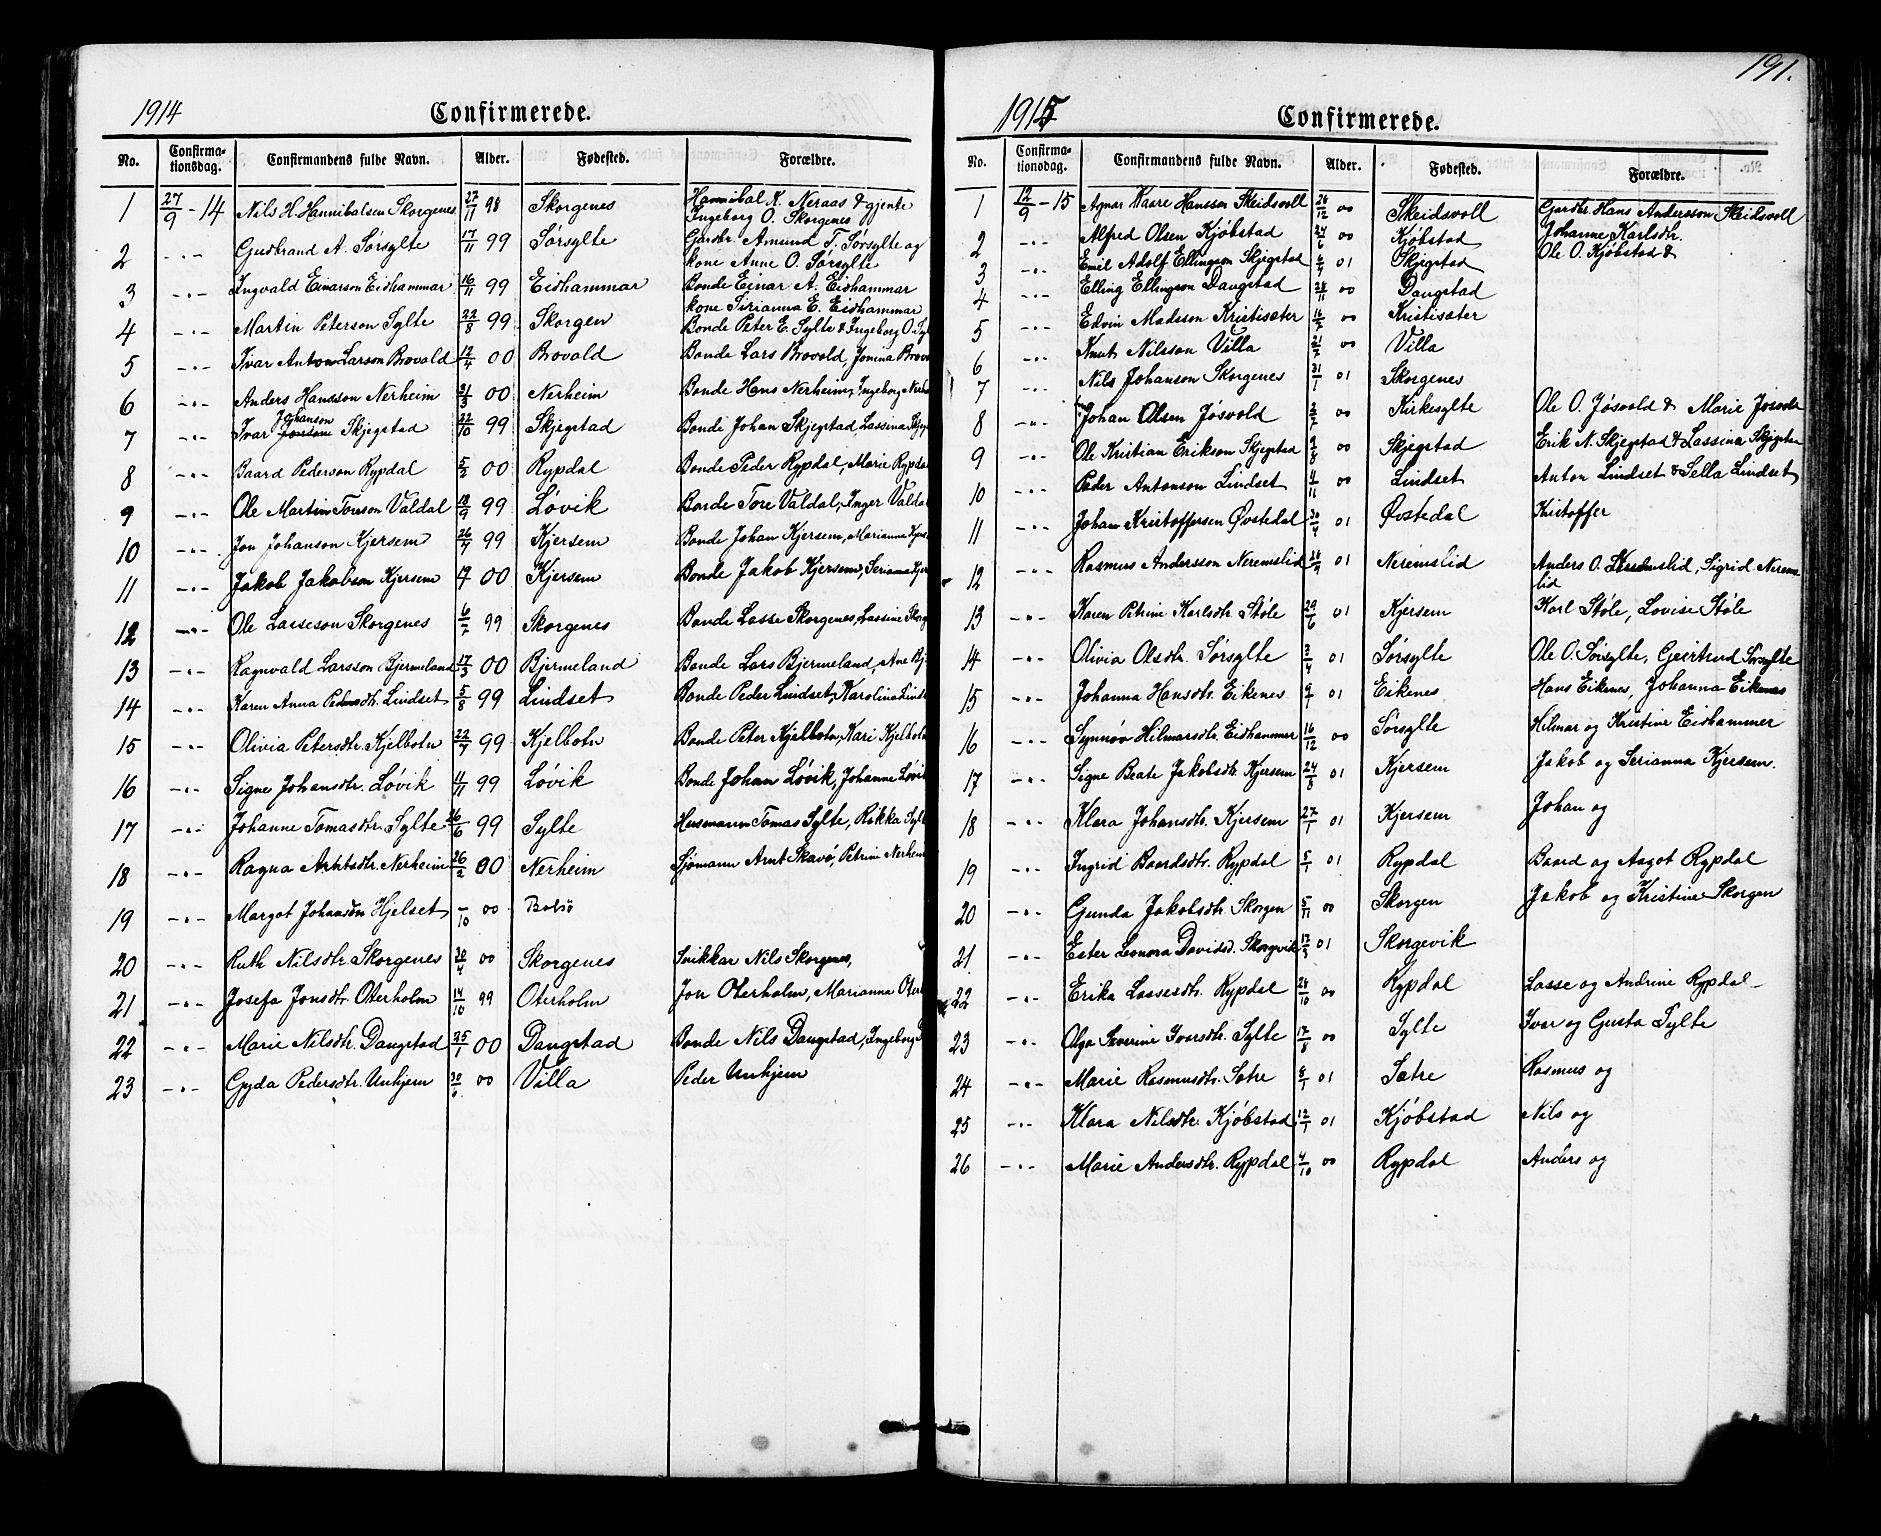 SAT, Ministerialprotokoller, klokkerbøker og fødselsregistre - Møre og Romsdal, 541/L0547: Klokkerbok nr. 541C02, 1867-1921, s. 191